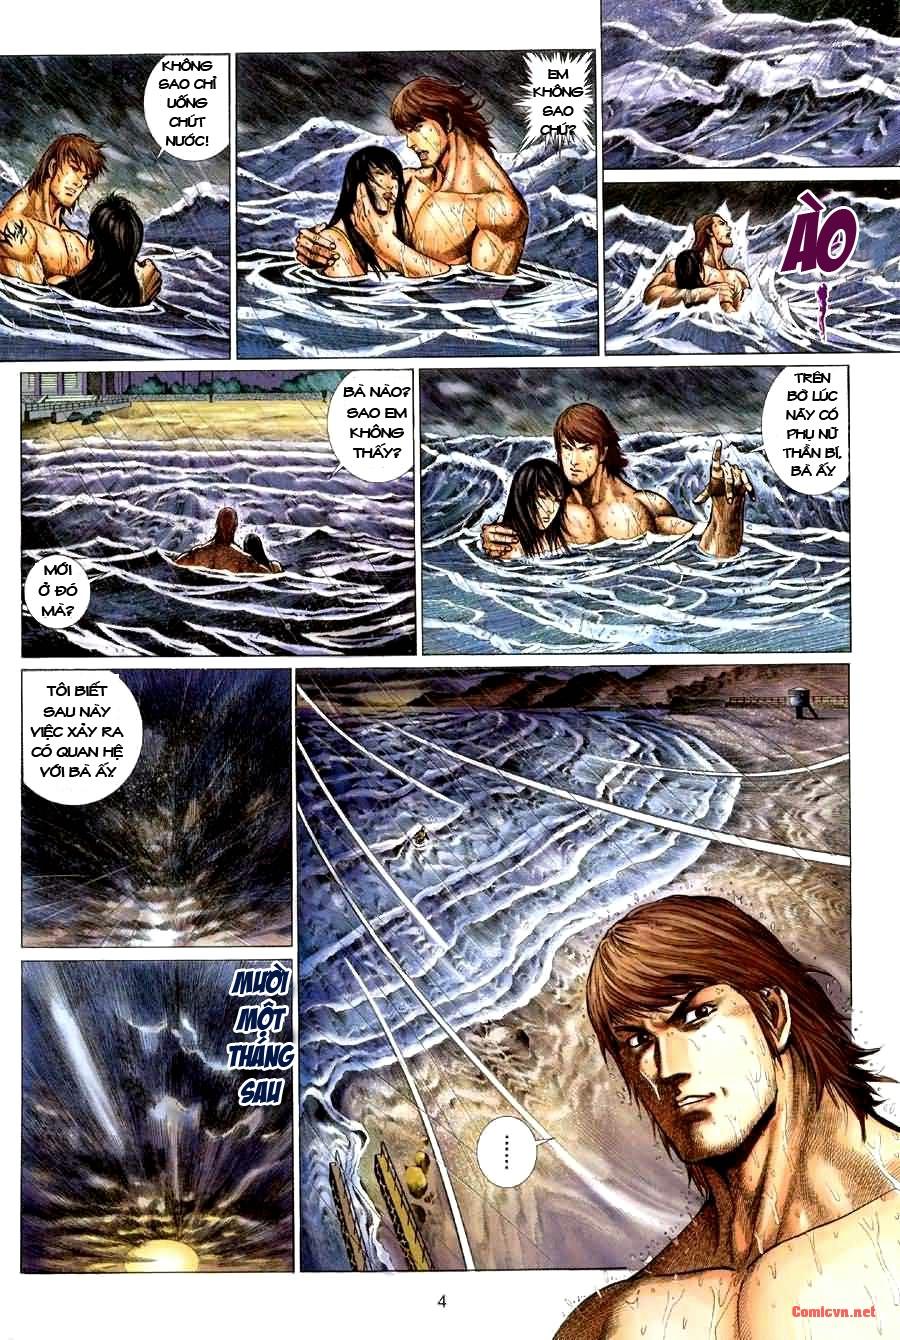 Quỷ Mộ chap 001 trang 4